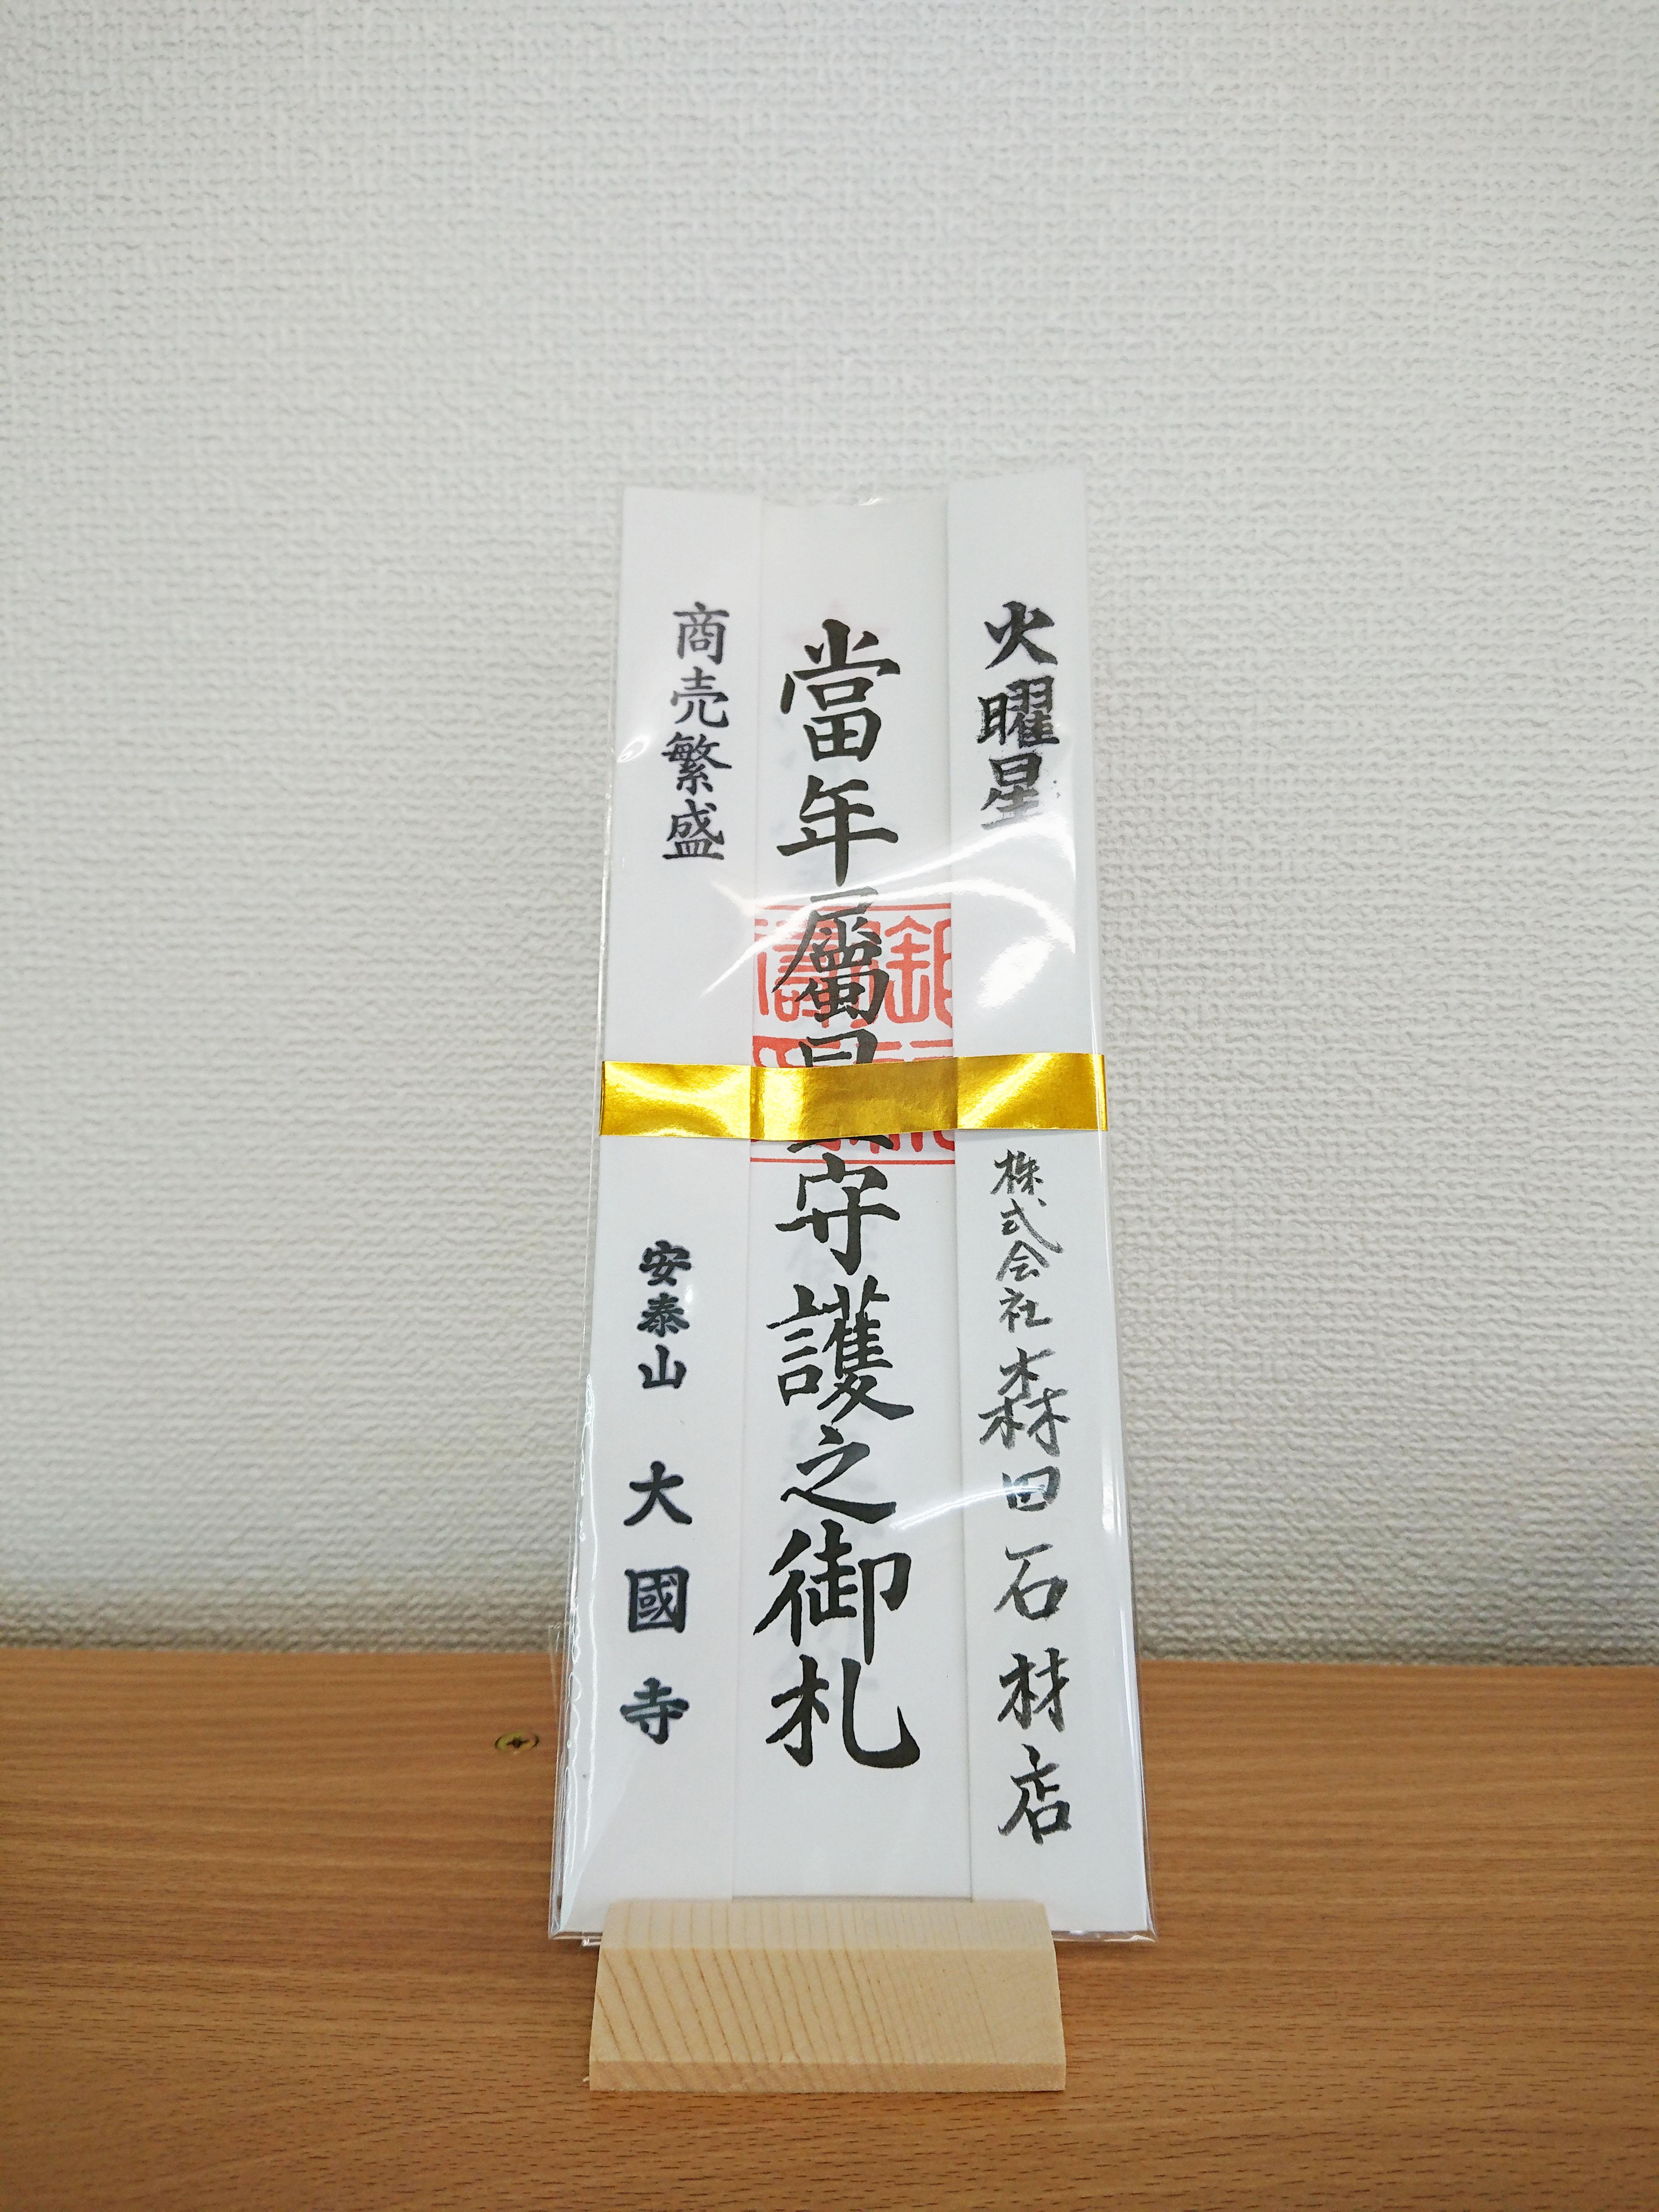 https://www.morita-stone.co.jp/weblog/img/20190110_ofudatate02.JPG